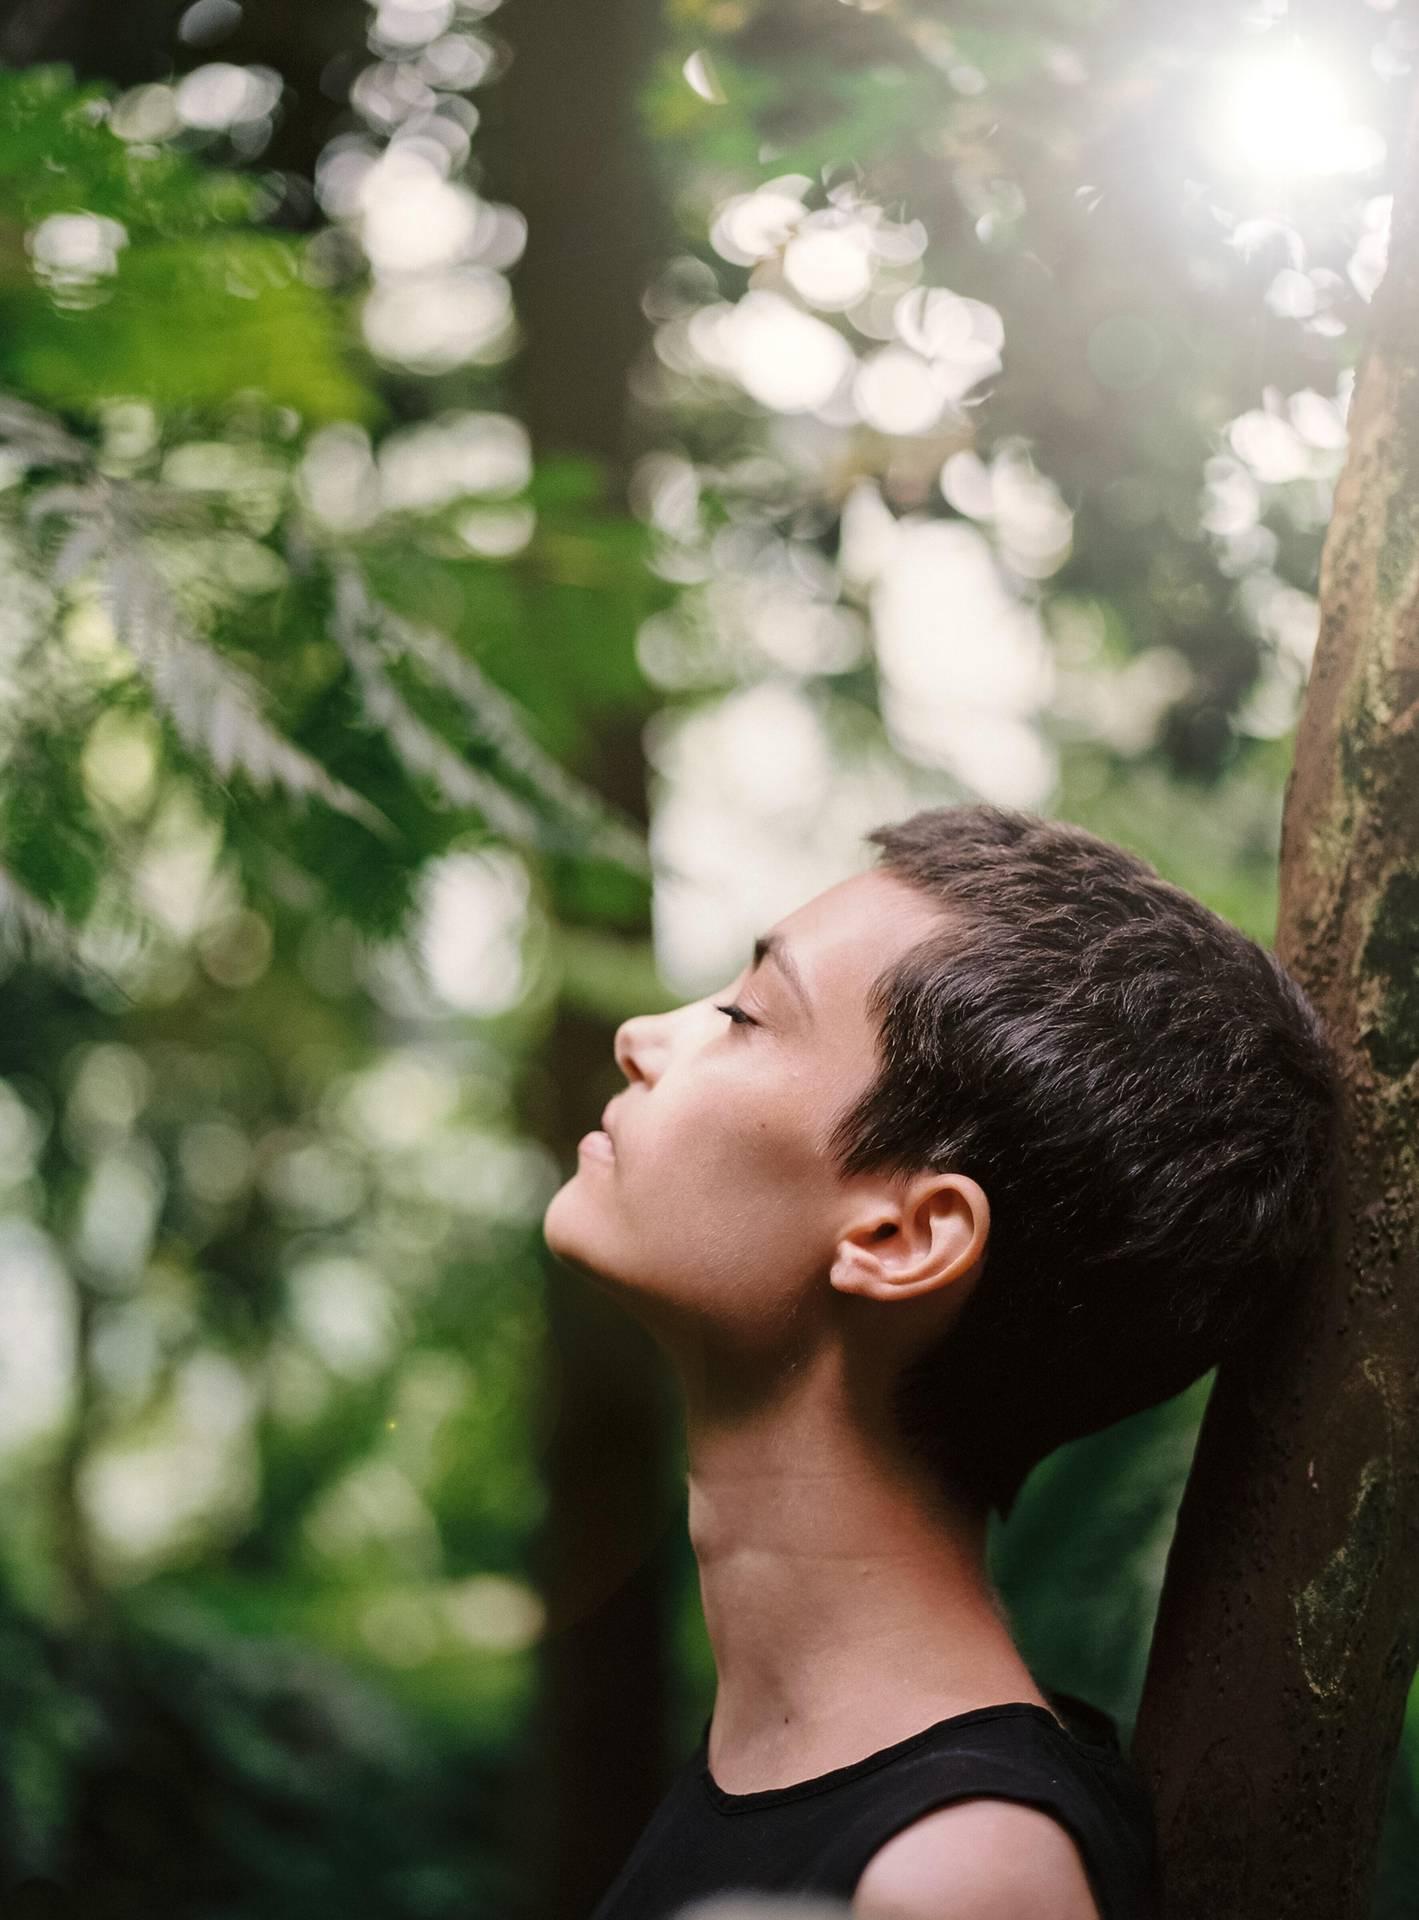 La méditation, c'est l'alliance de la discipline et de la douceur